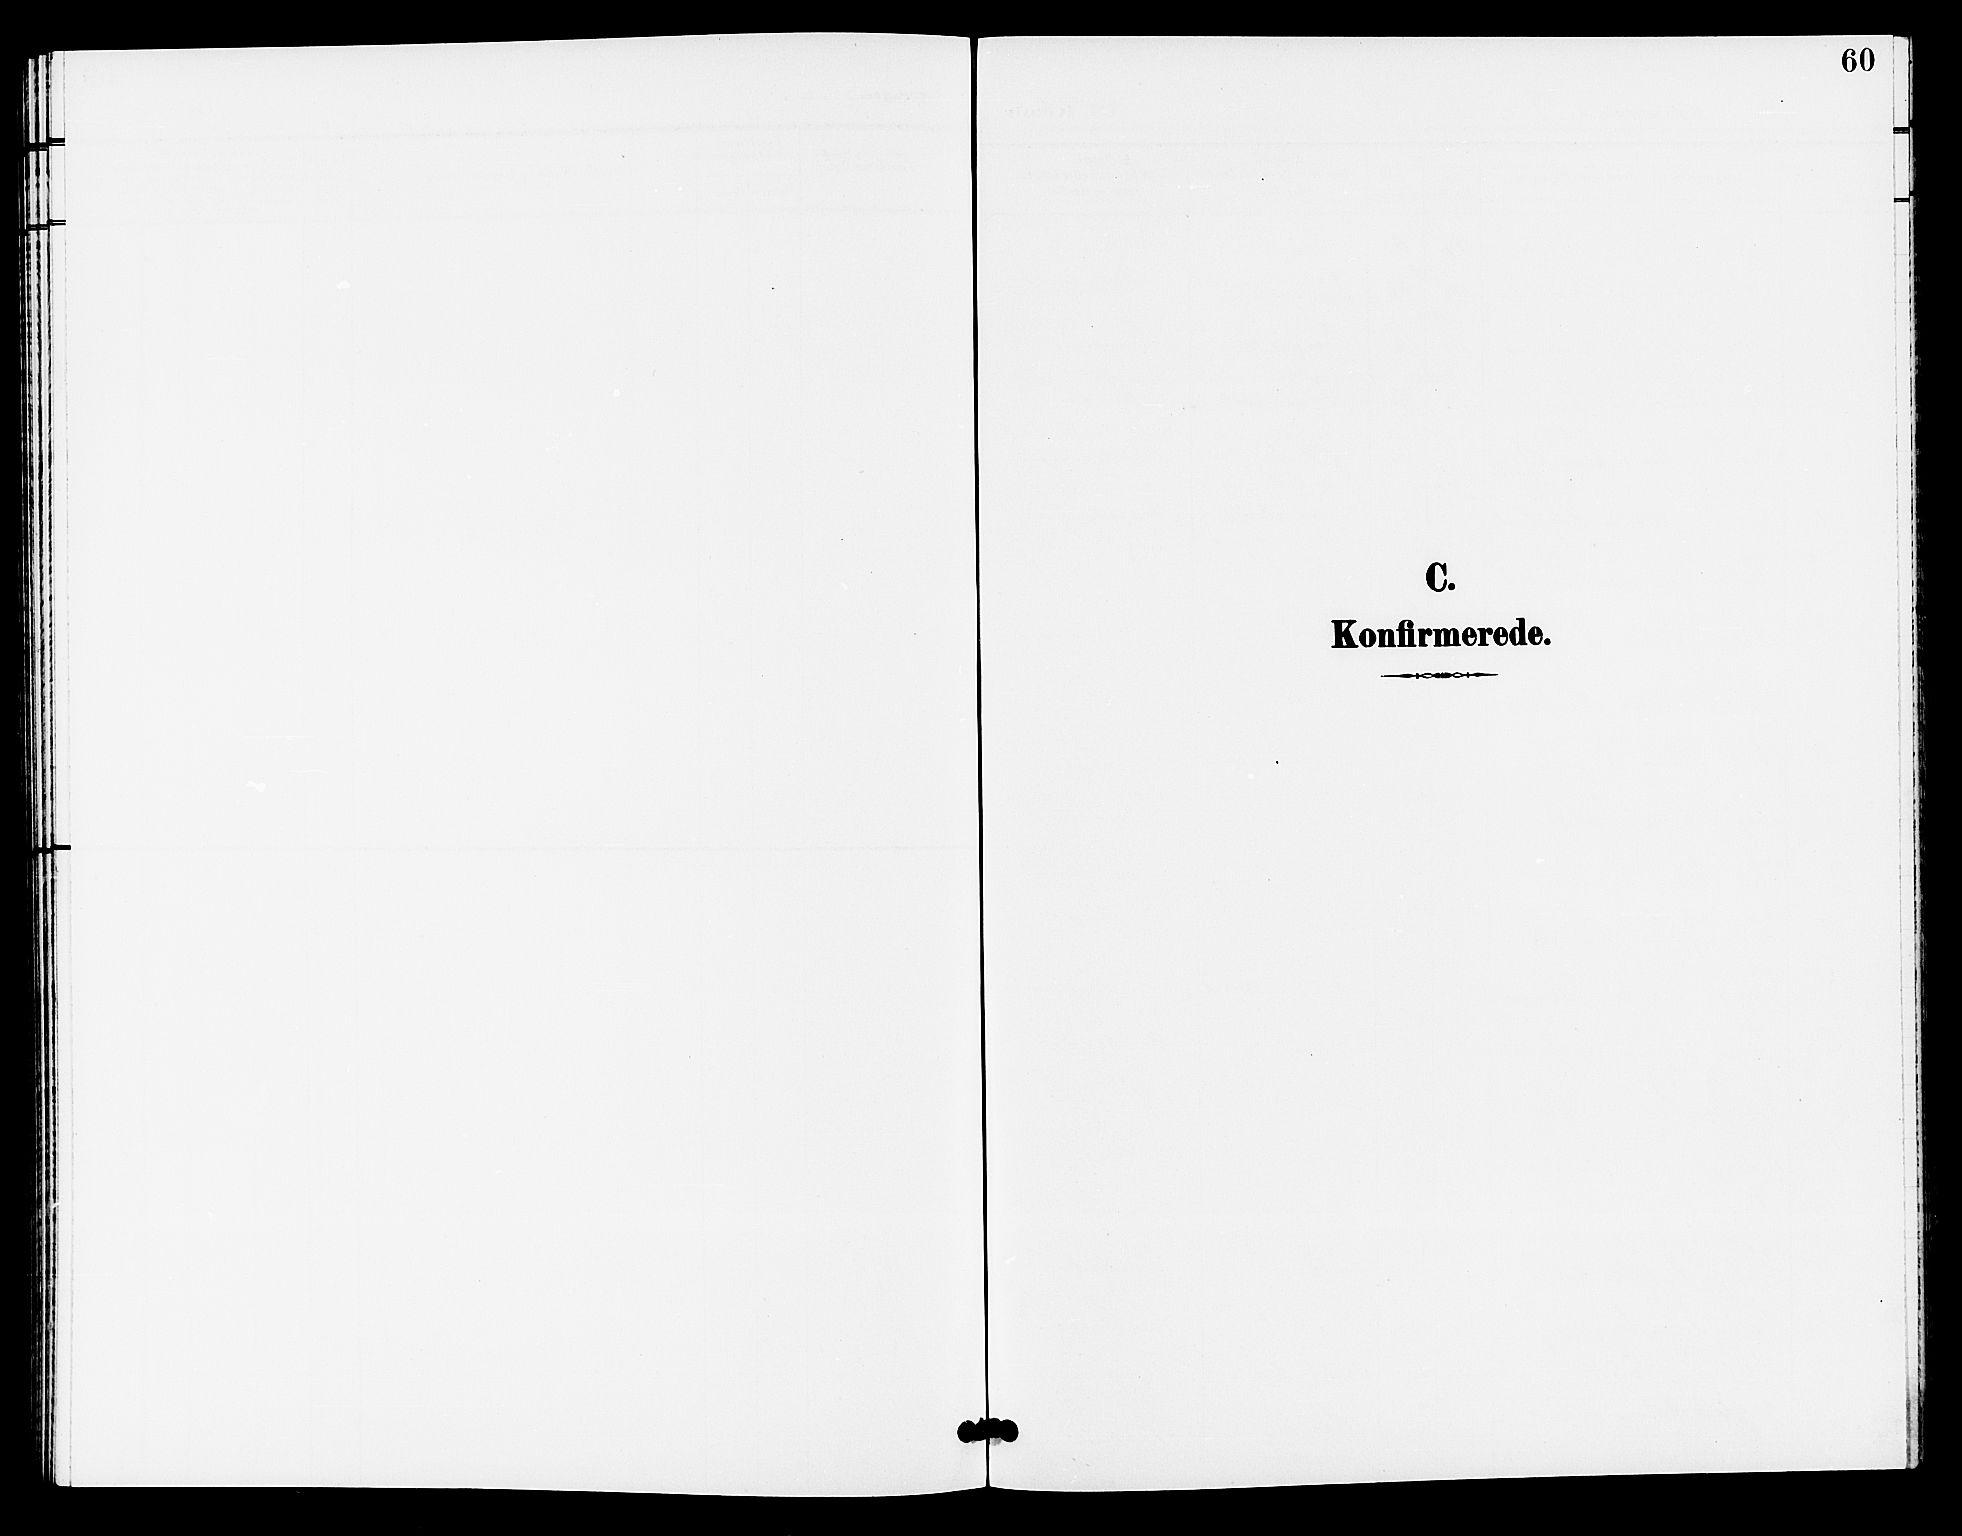 SAKO, Lunde kirkebøker, G/Ga/L0003: Klokkerbok nr. I 3, 1896-1905, s. 60